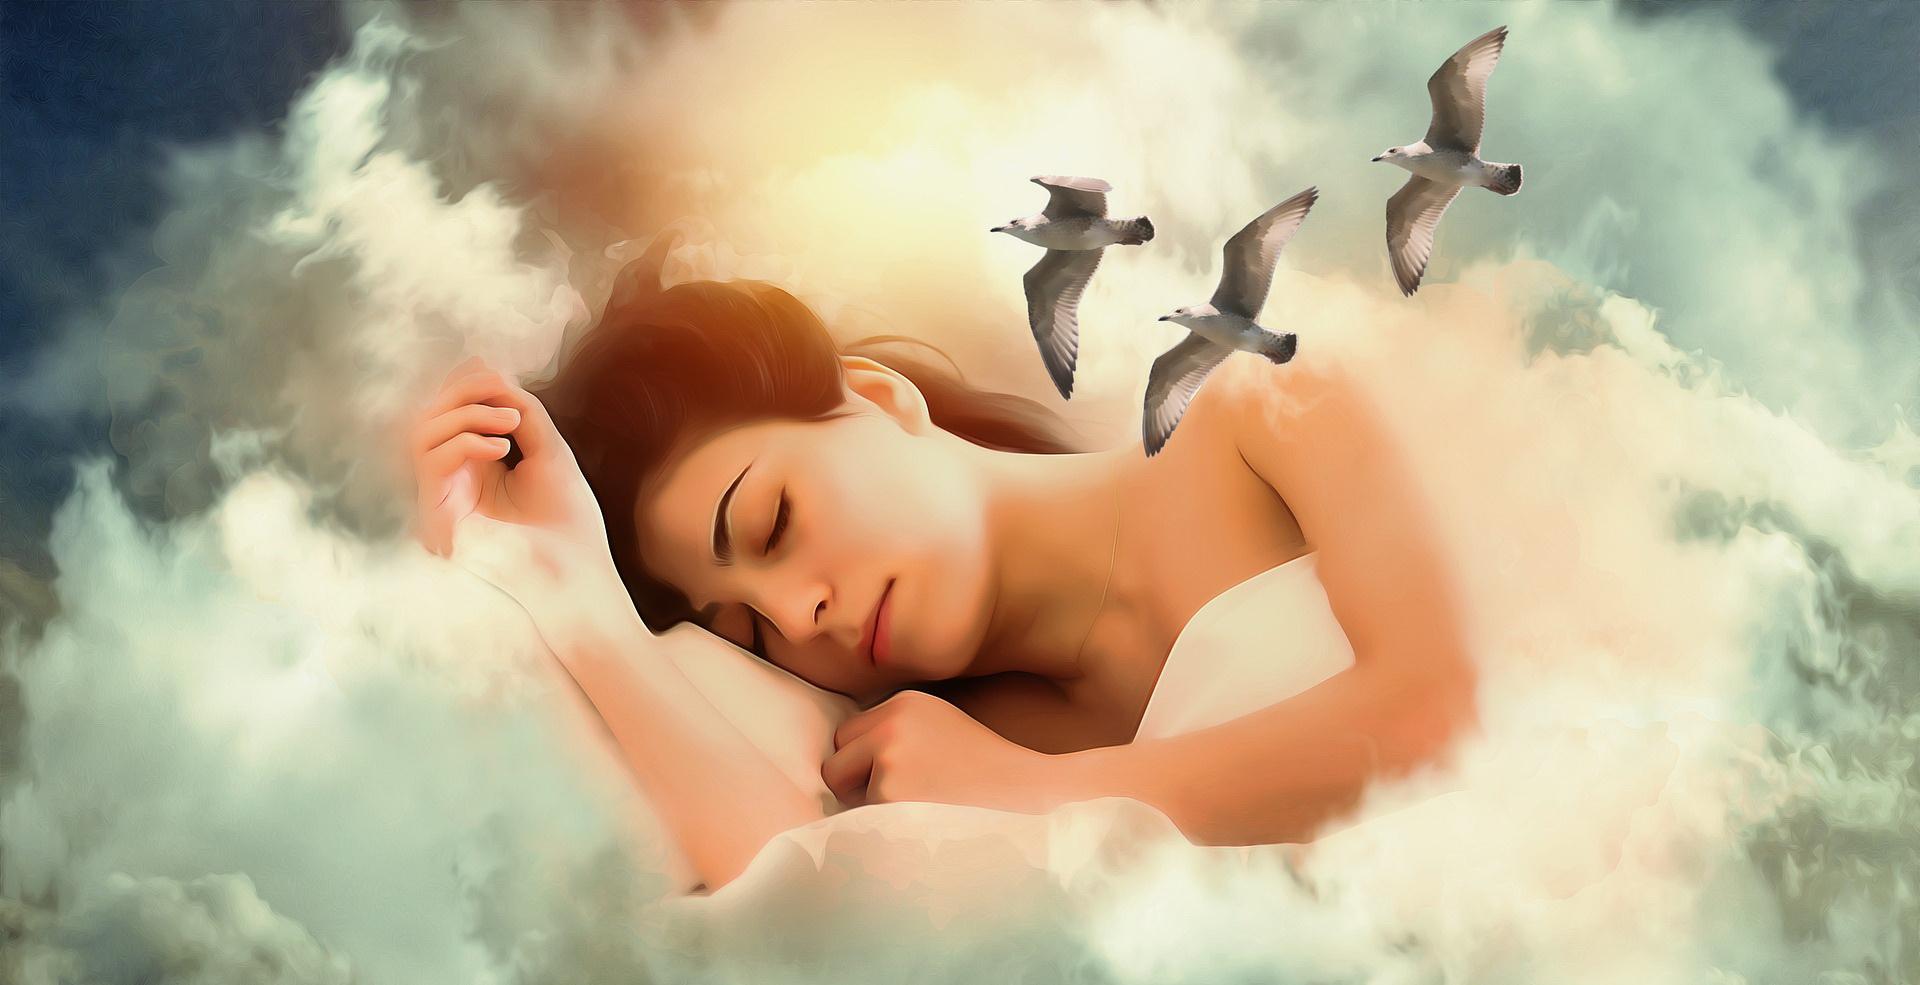 L'art de la rêverie pour rester humains 13